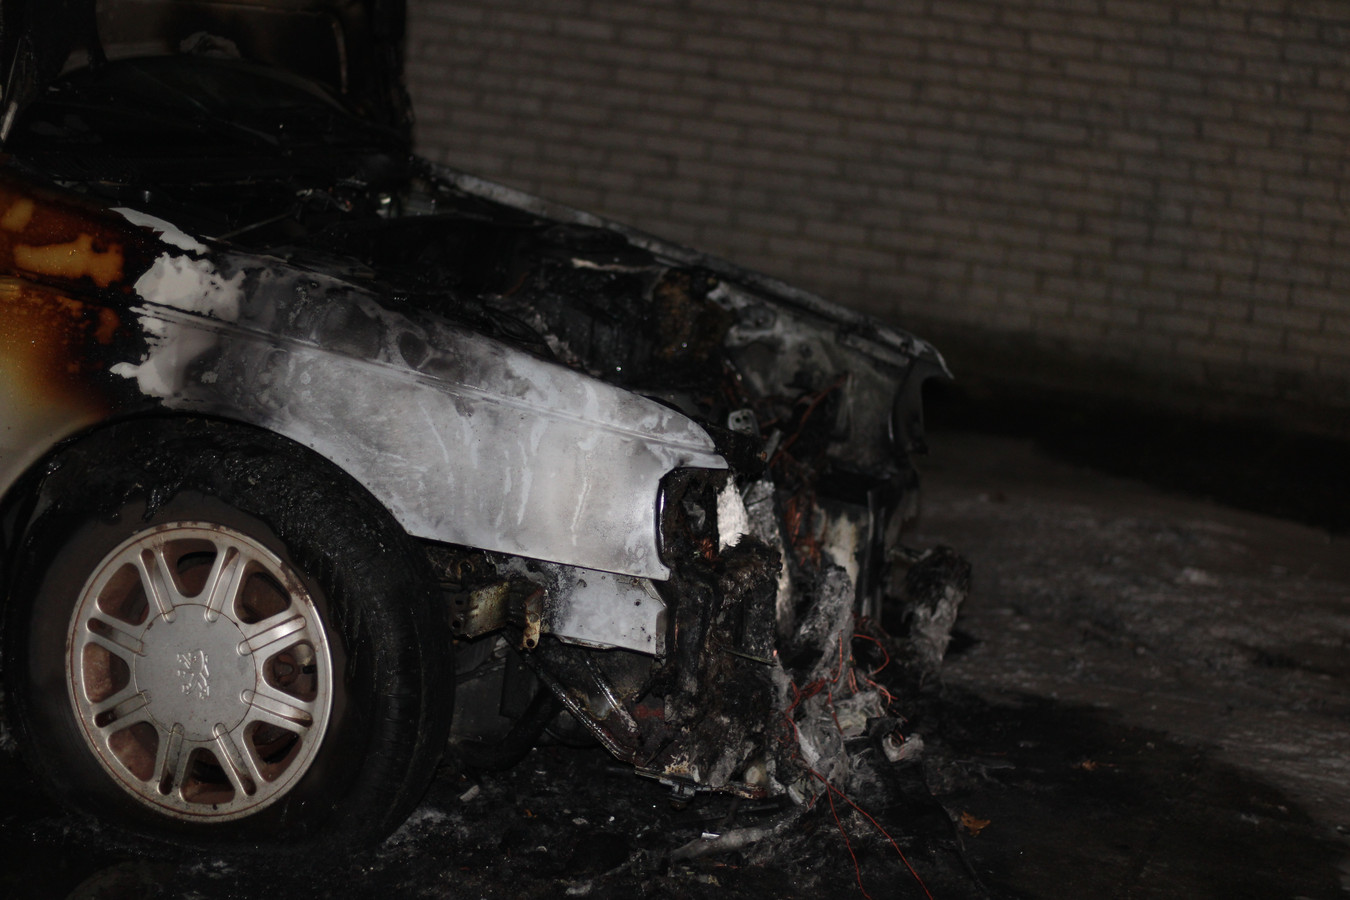 Op zondag 20 december brandde een auto uit bij een autobedrijf aan de Kempenaar in Lelystad.